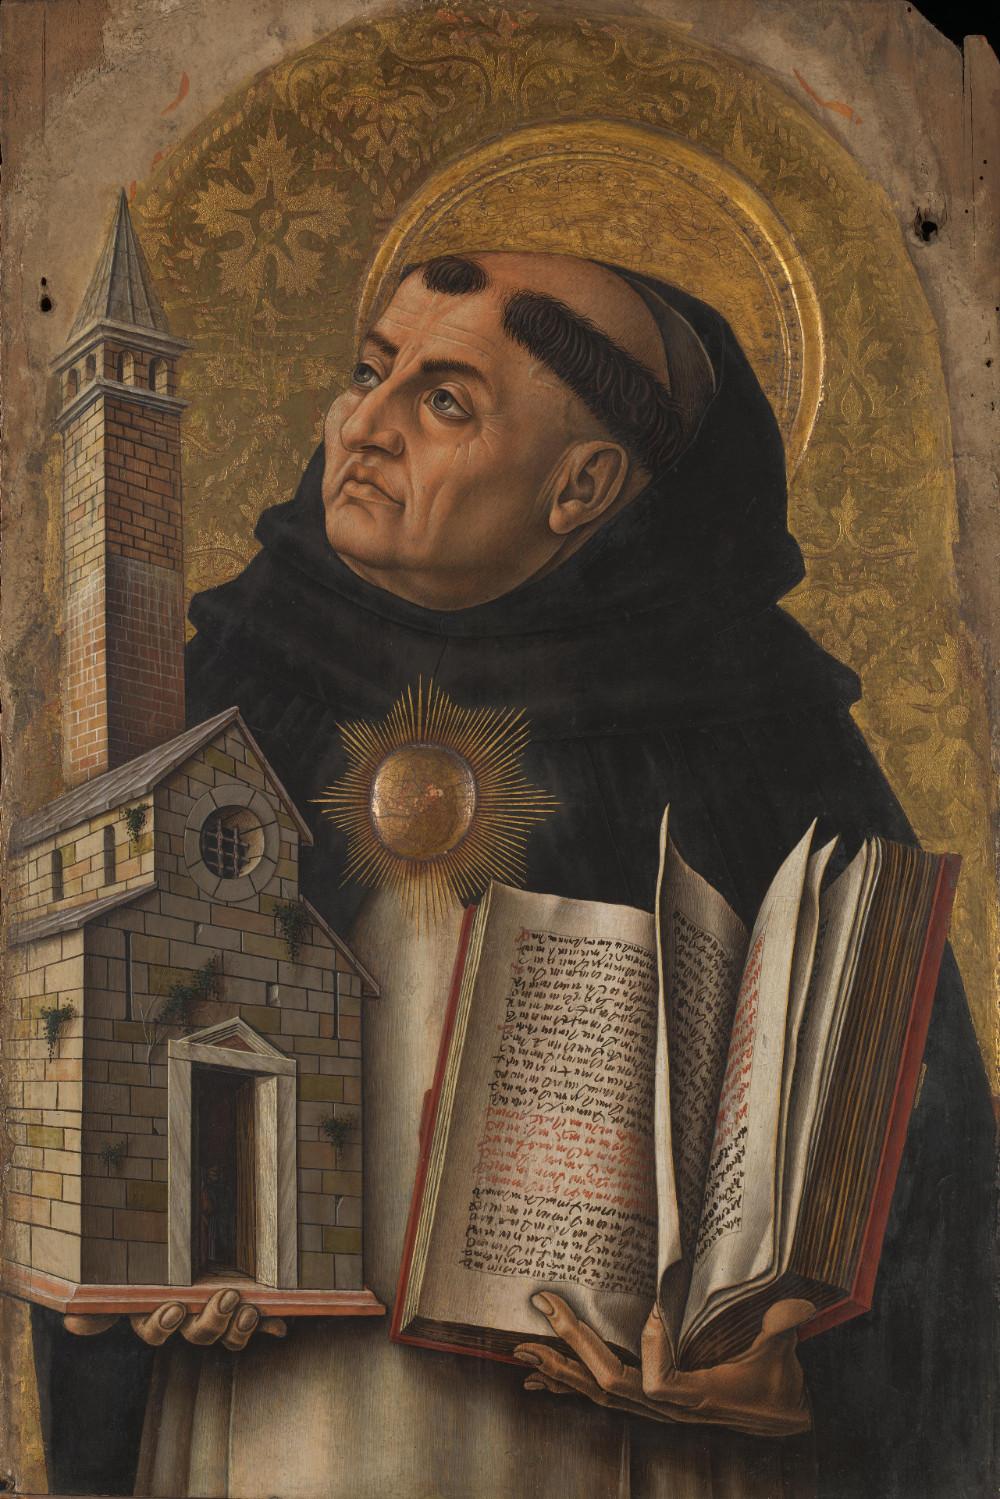 Filosofía, Santo Tomás, Dios, Tomás de Aquino, religión